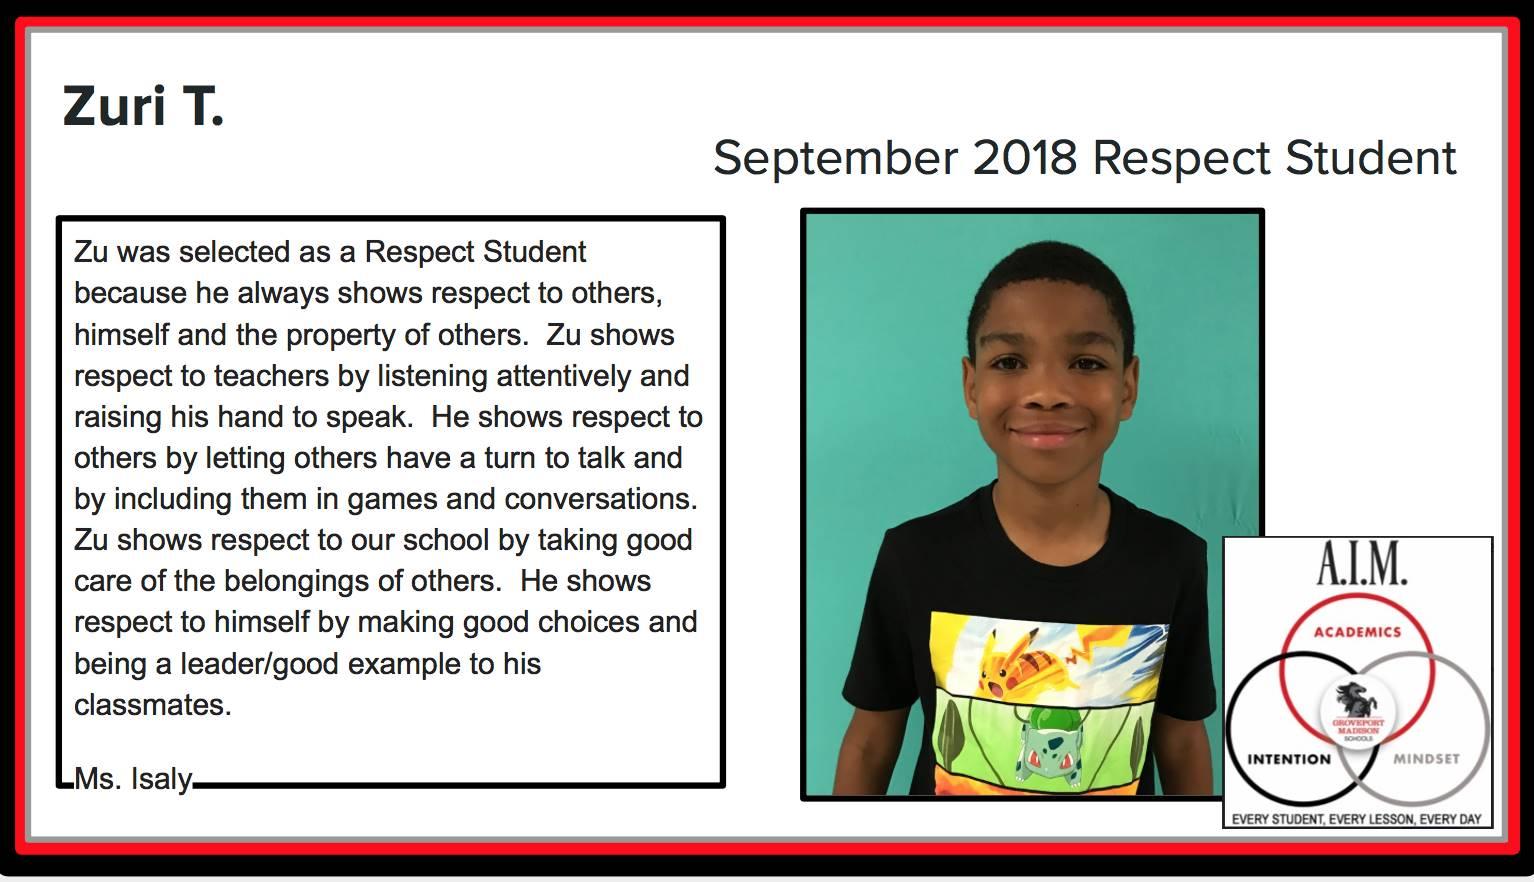 September Respect Student Zuri